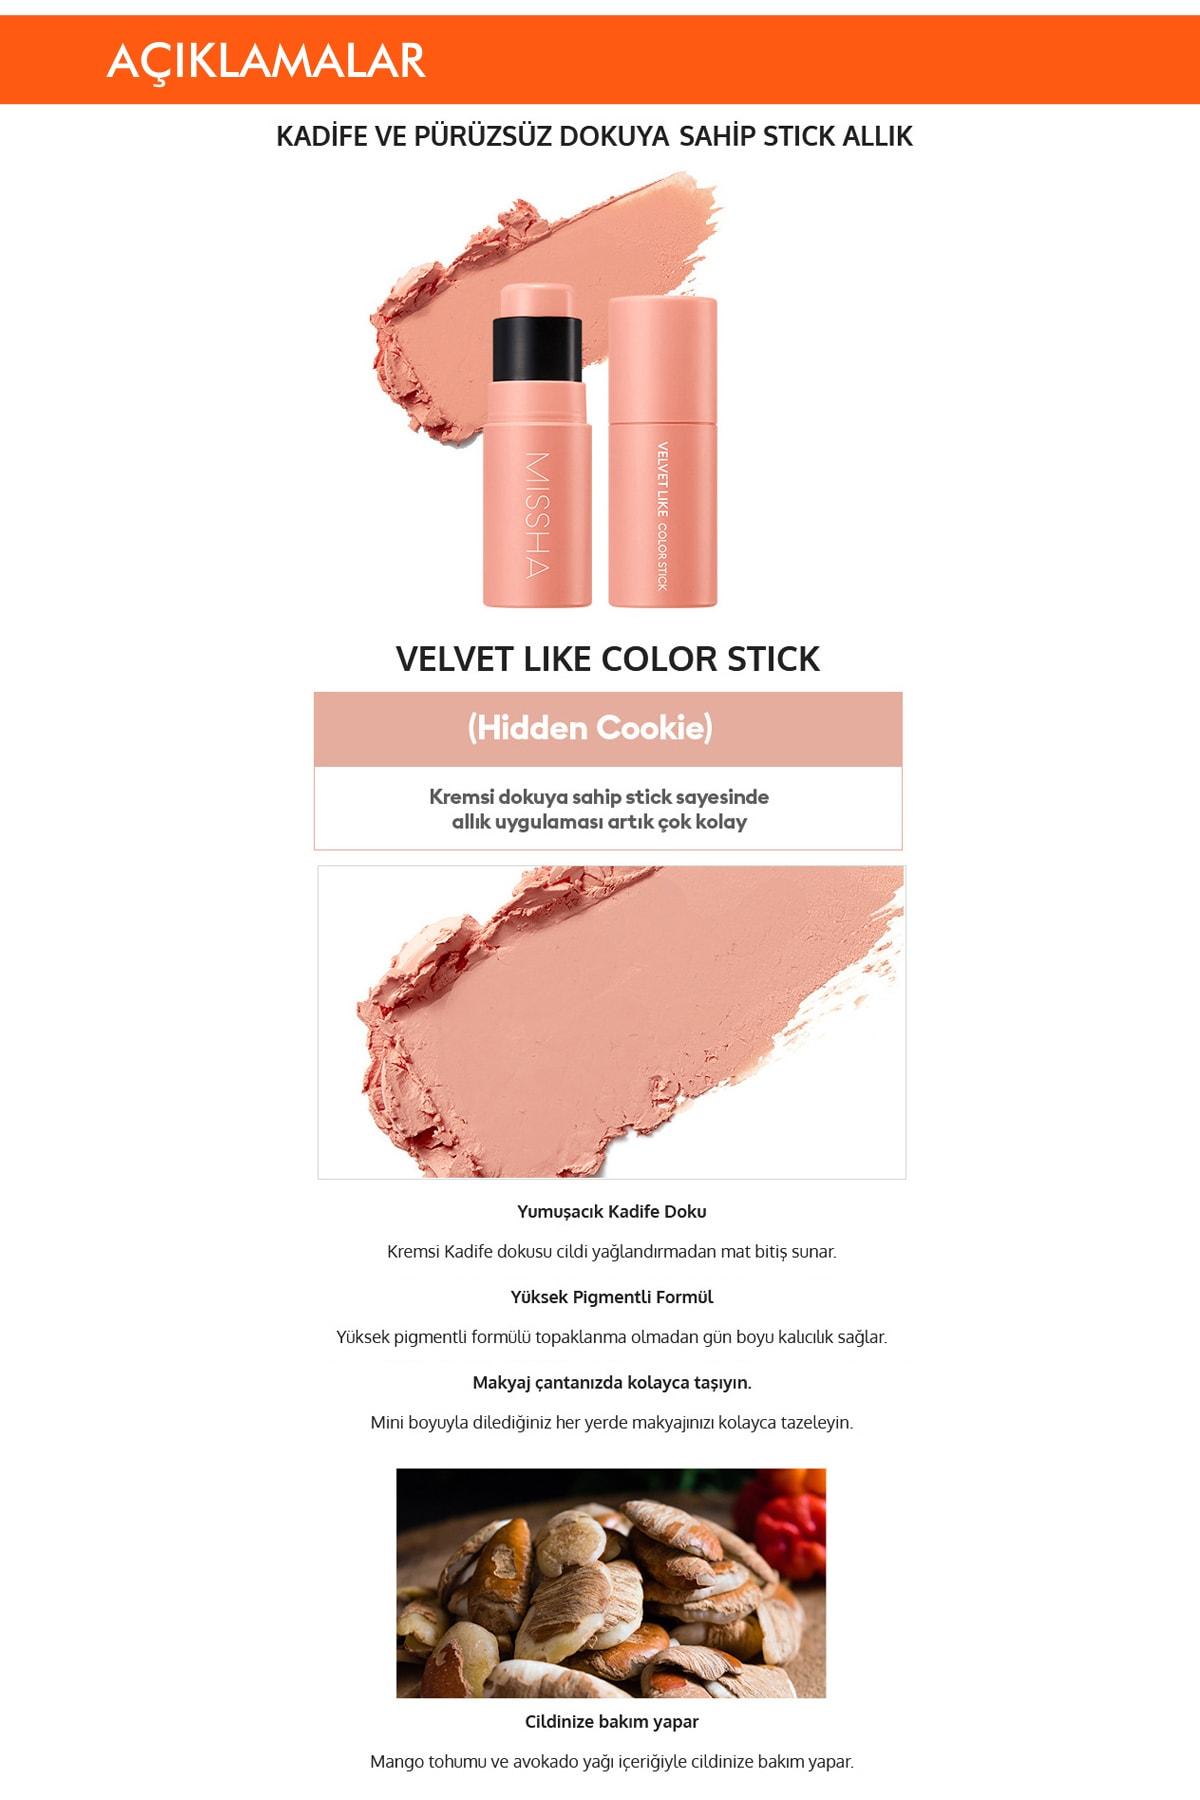 Missha Kadife Dokulu Kalıcı Stick Allık Velvet Like Color Stick (Hidden Cookie) 1